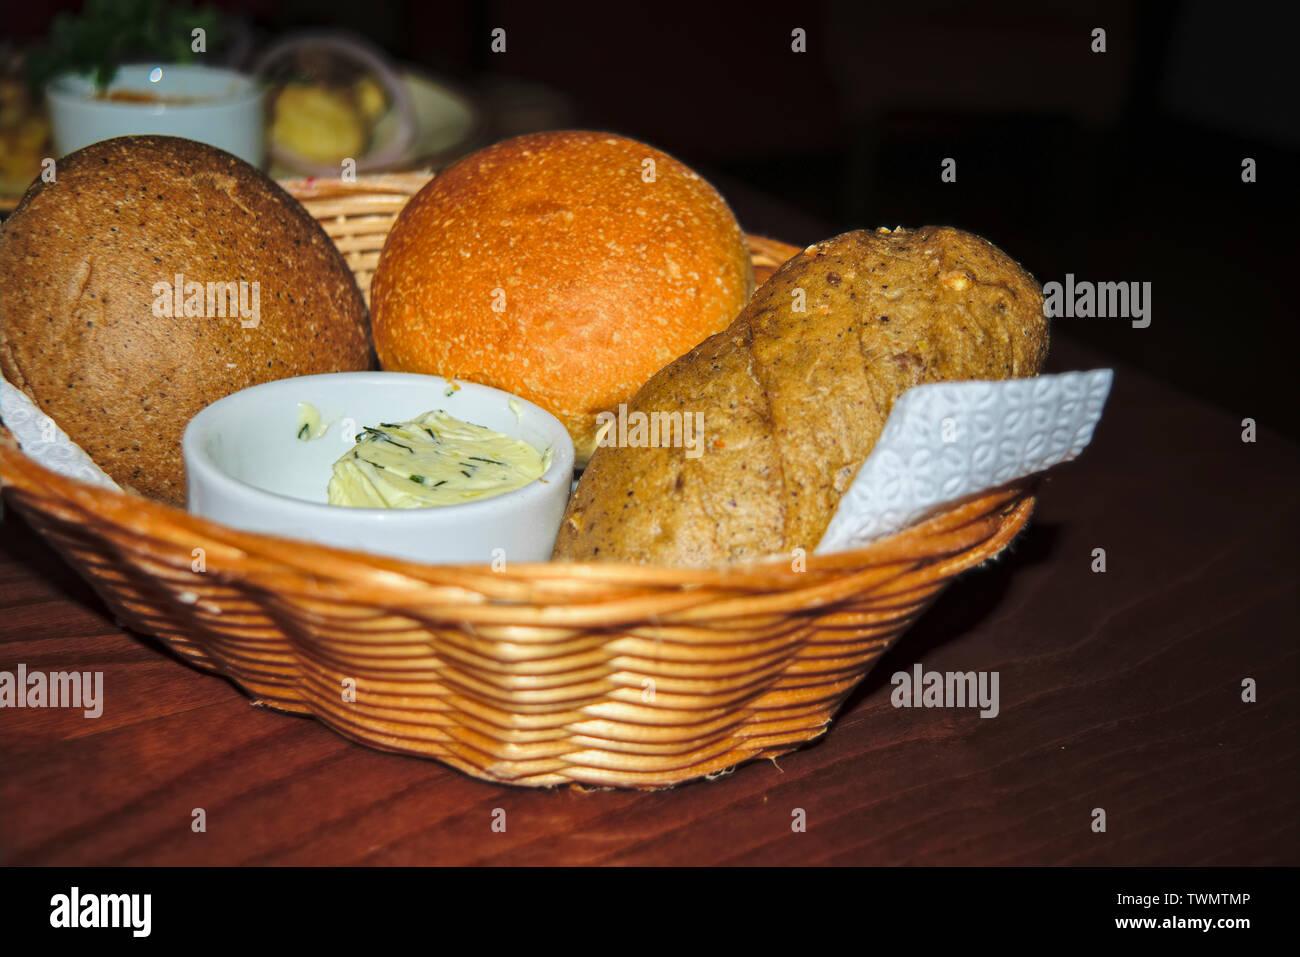 Délicieux, du pain frais de divers choix dans un panier de paille. Banque D'Images